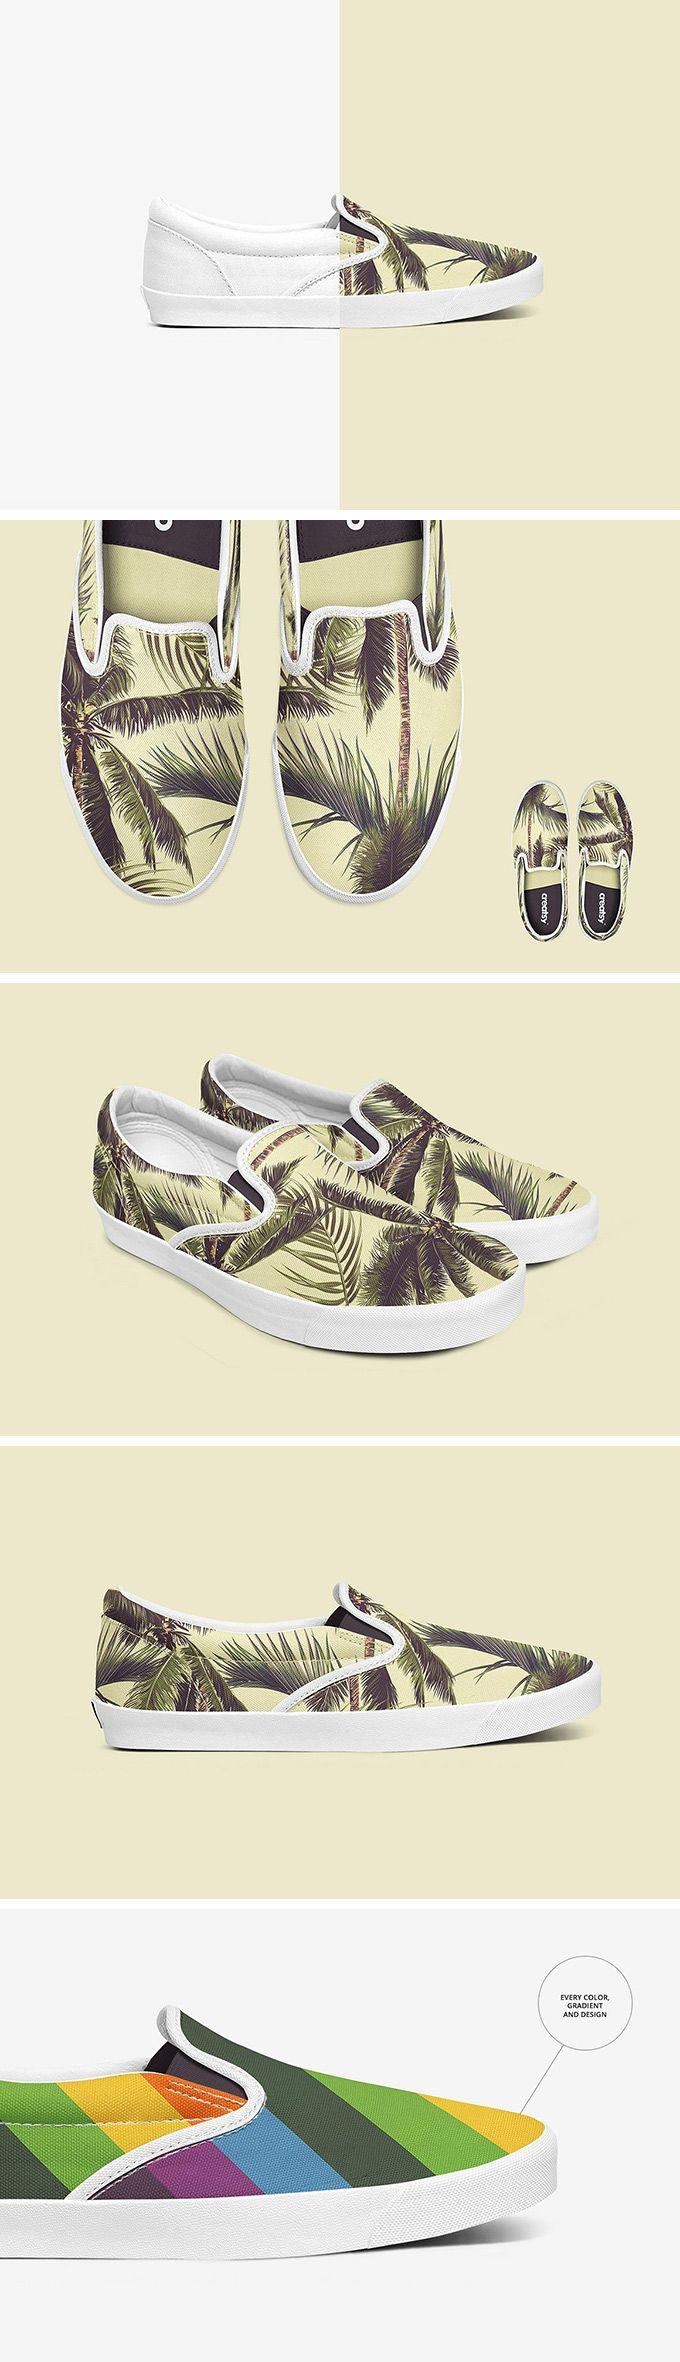 Download Slip On Shoes Mockup Set Shoe Poster White Slip On Shoes Slip On Shoes